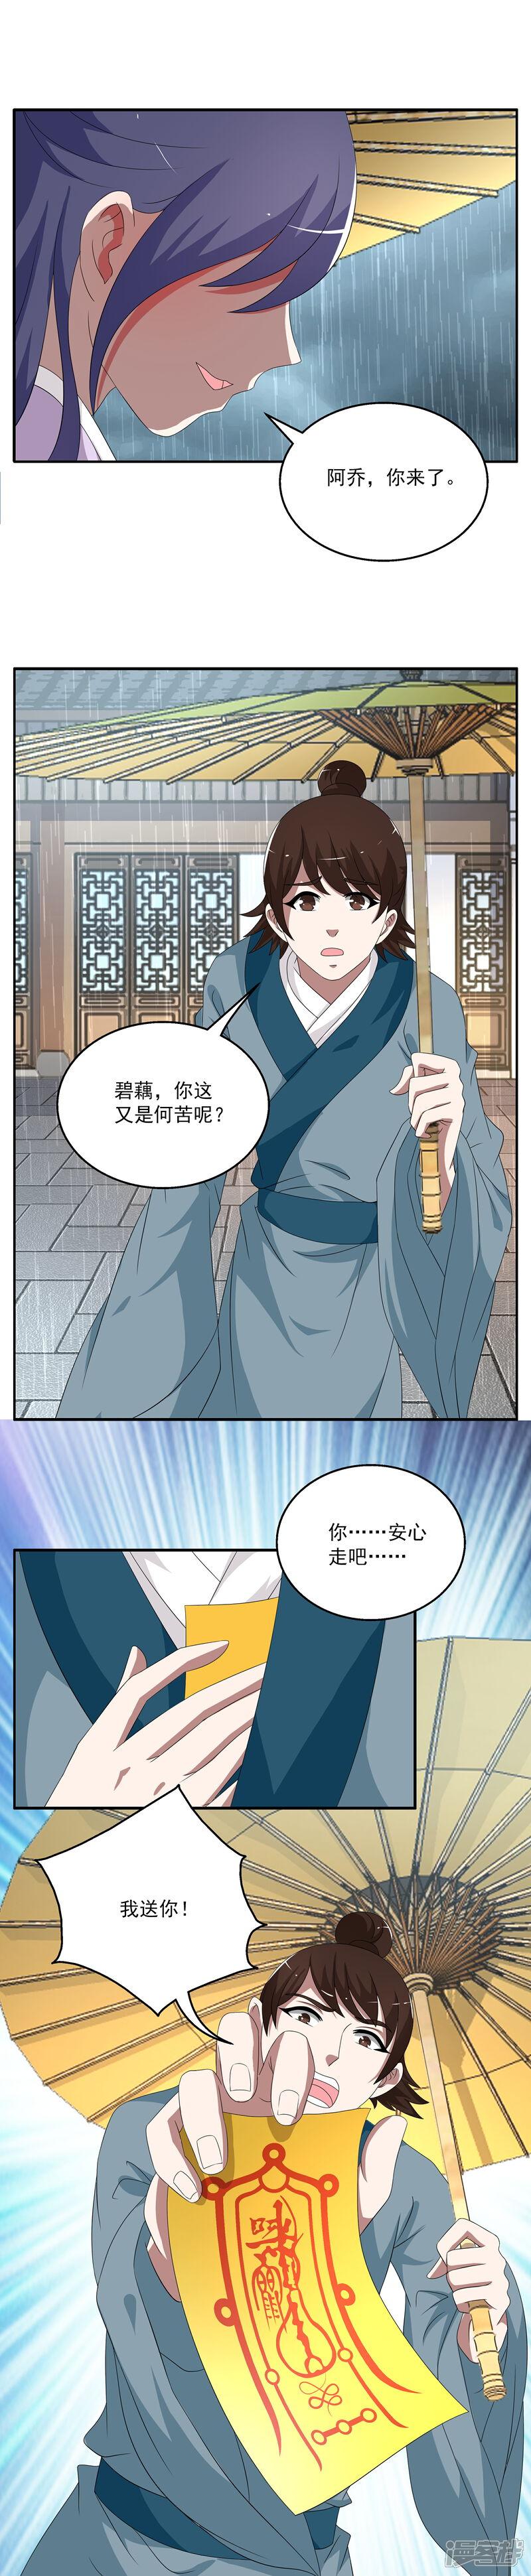 洛小妖189 (7).JPG